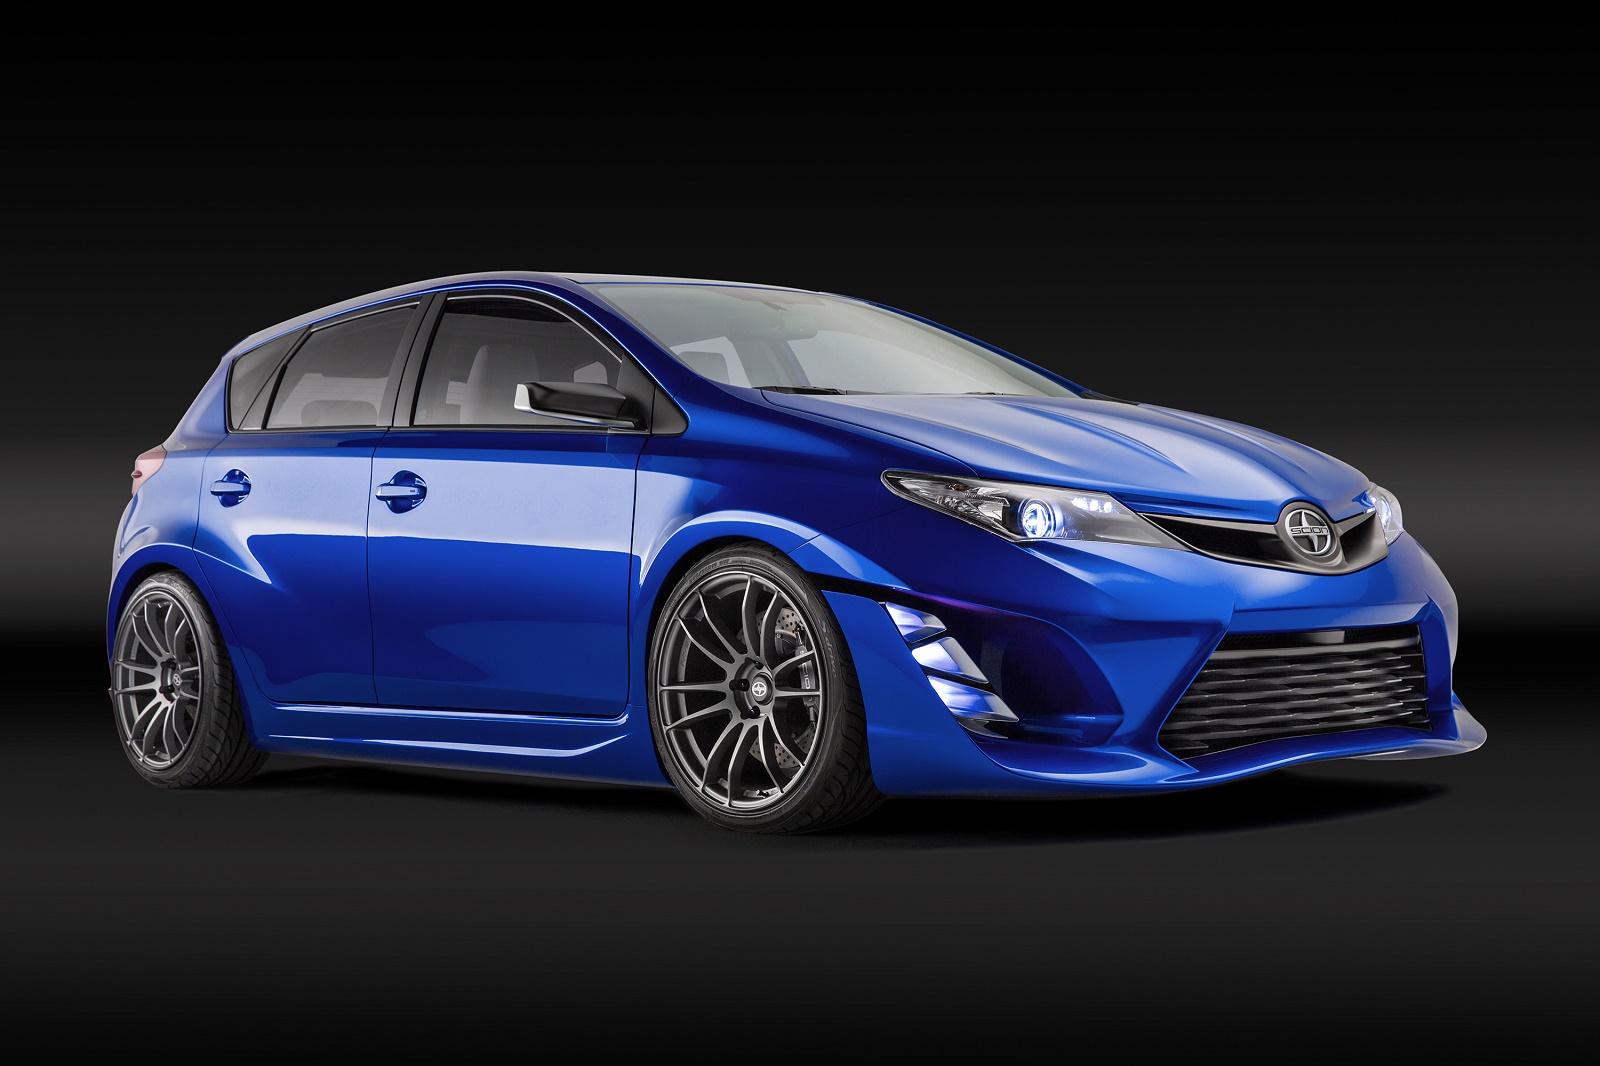 Scion iM Concept: Compact Five-Door Hatchback For LA Auto Show